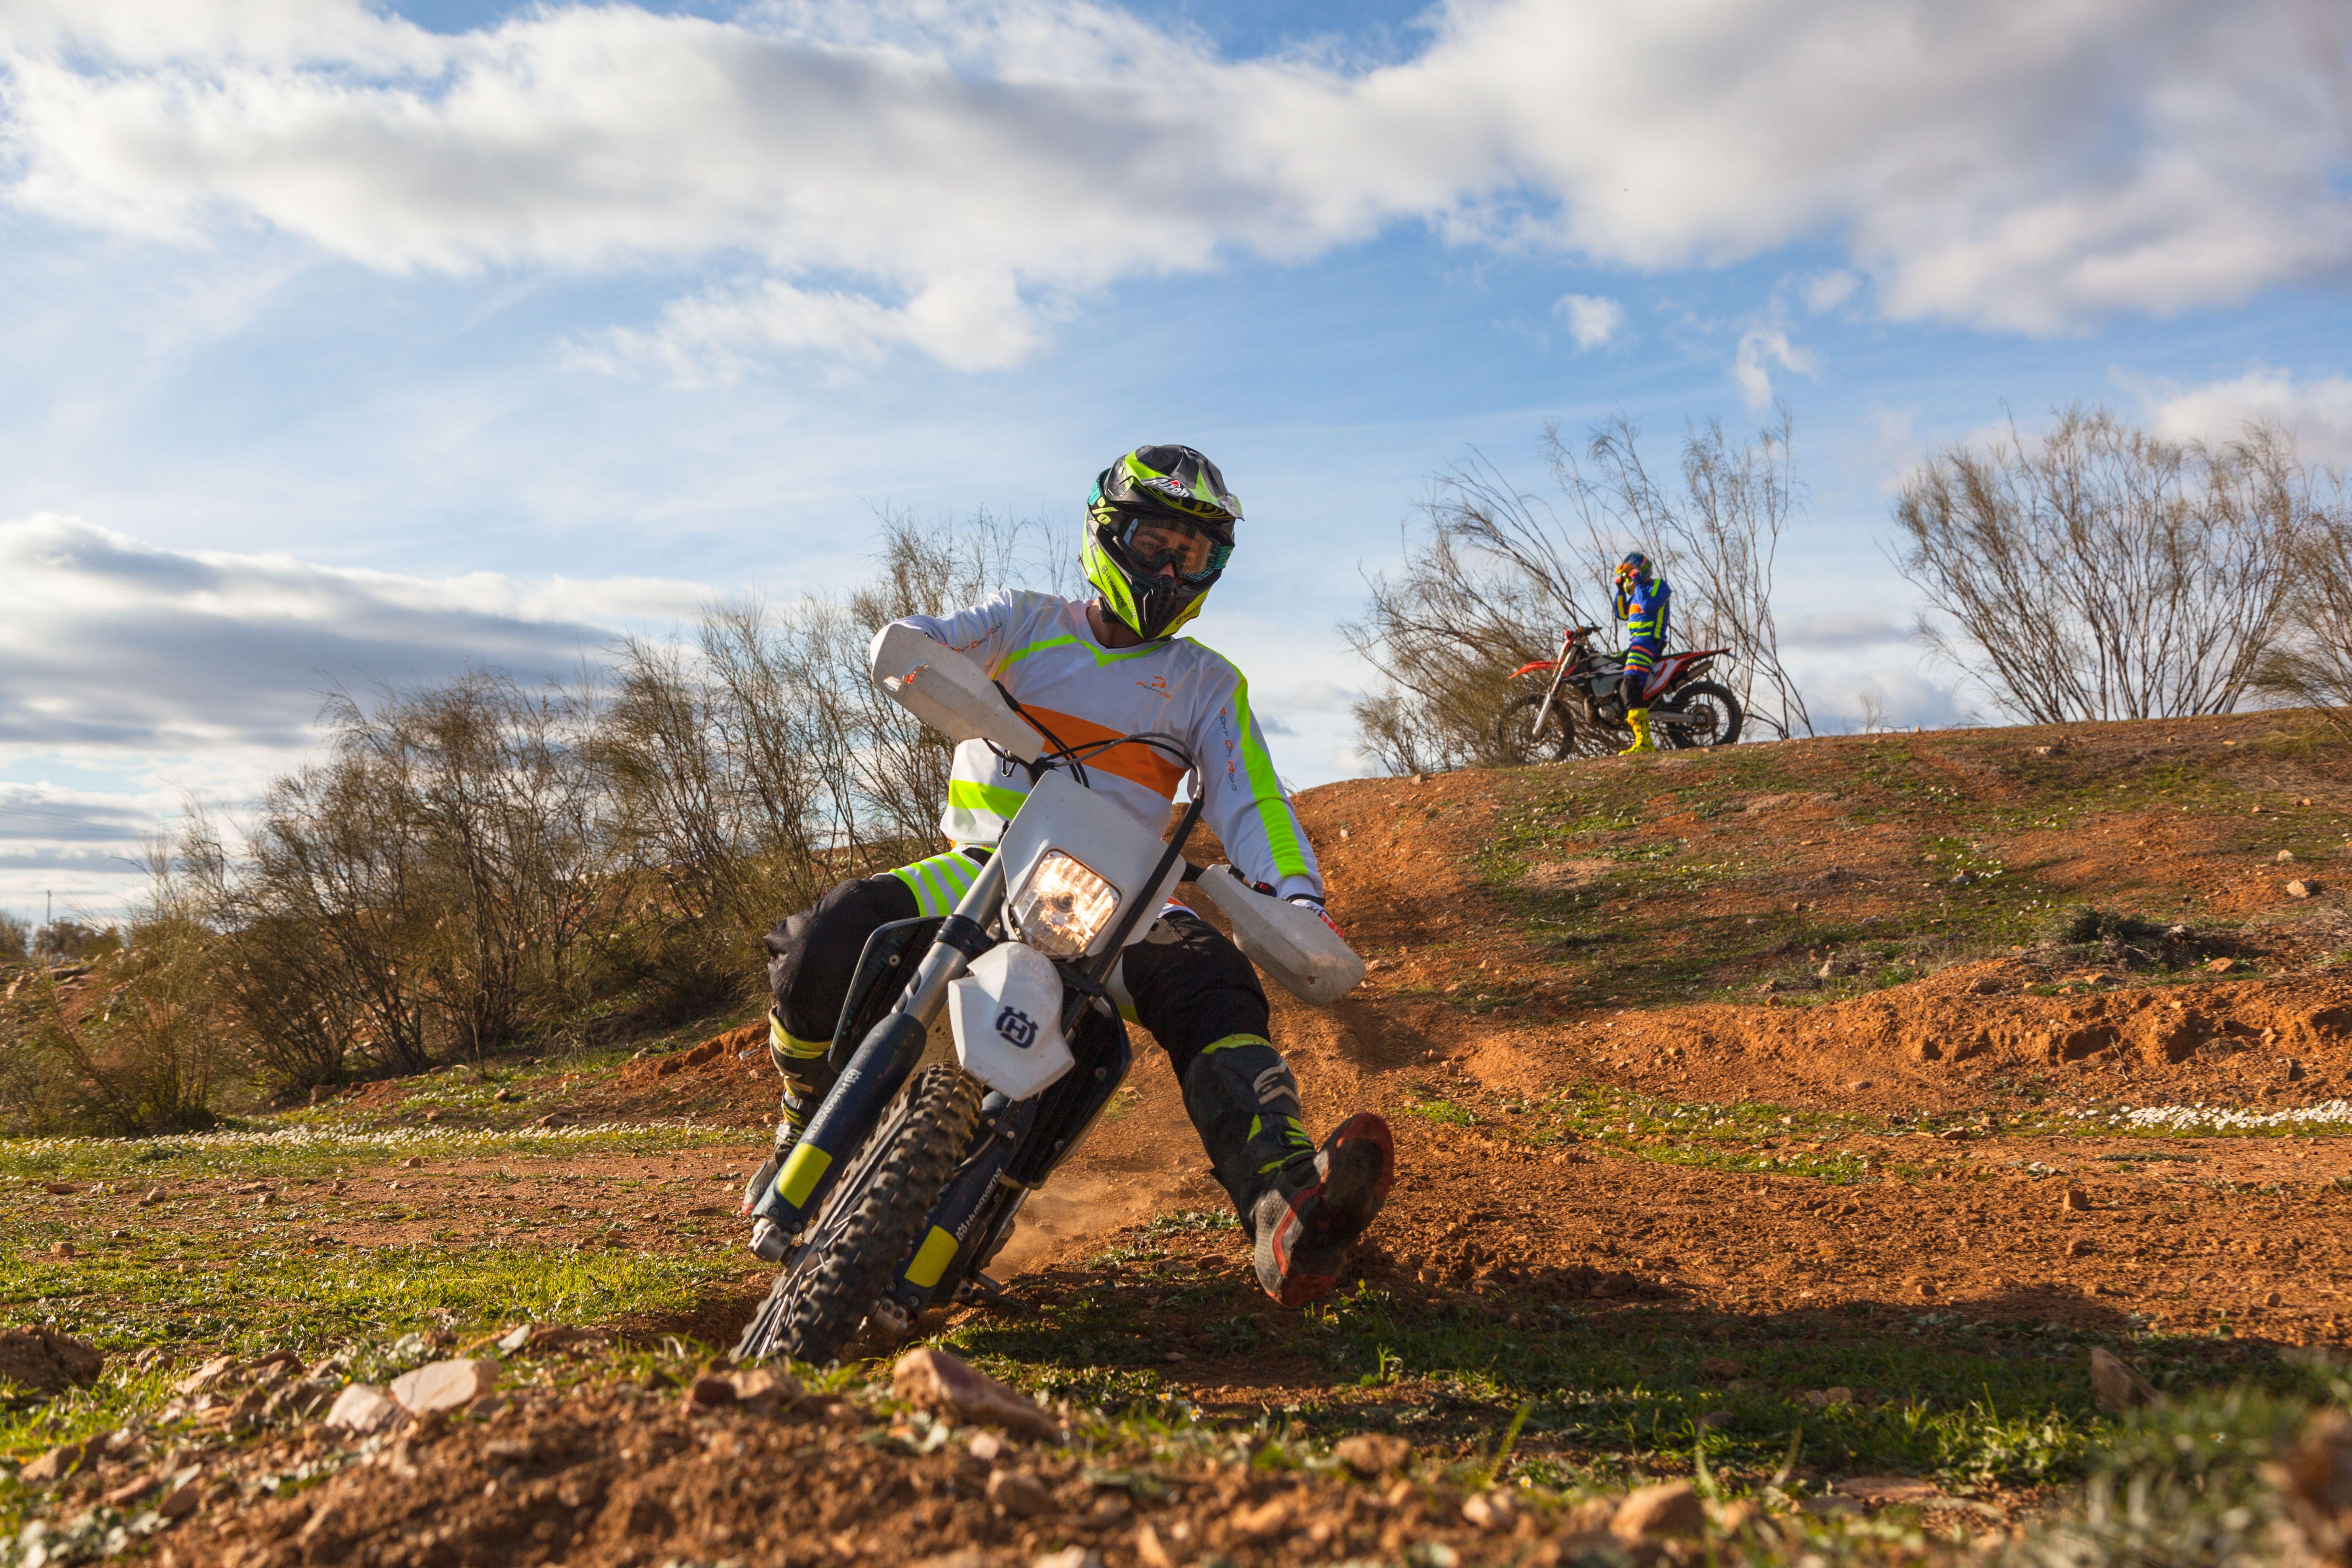 Equipación deportiva para motos off road